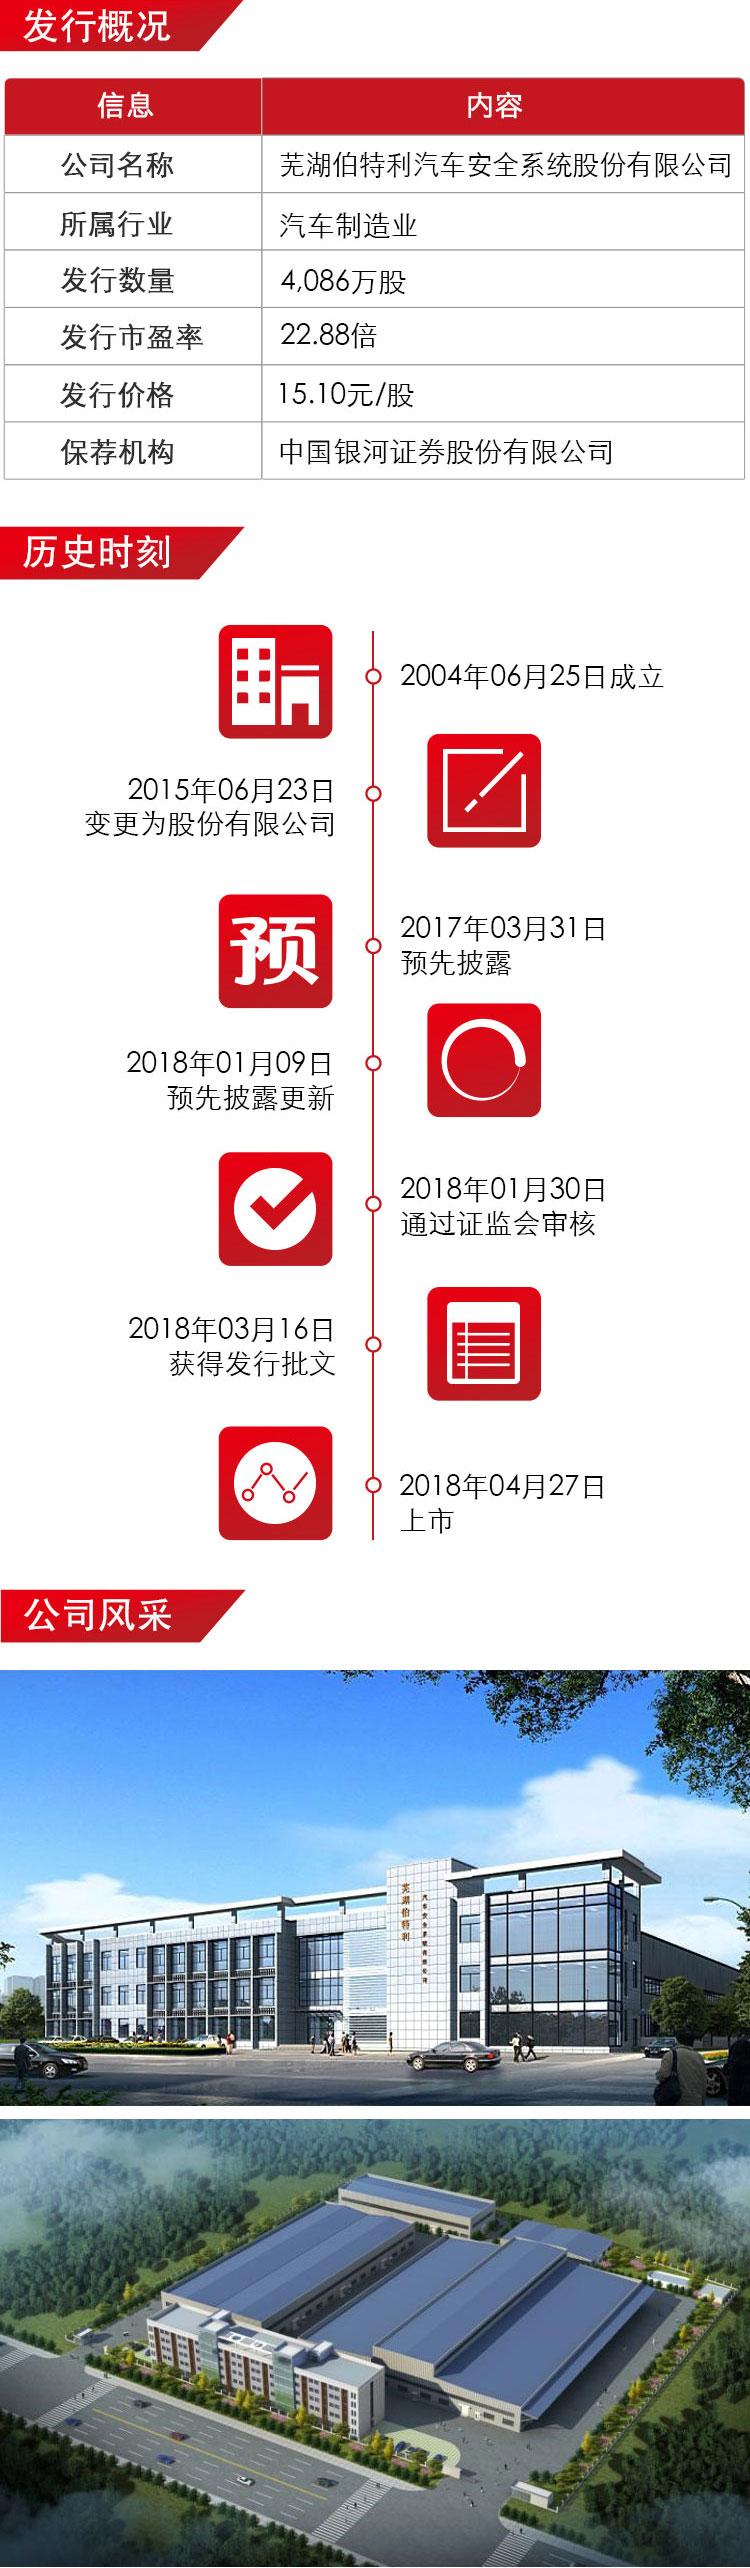 芜湖伯特利上市海报_02.jpg